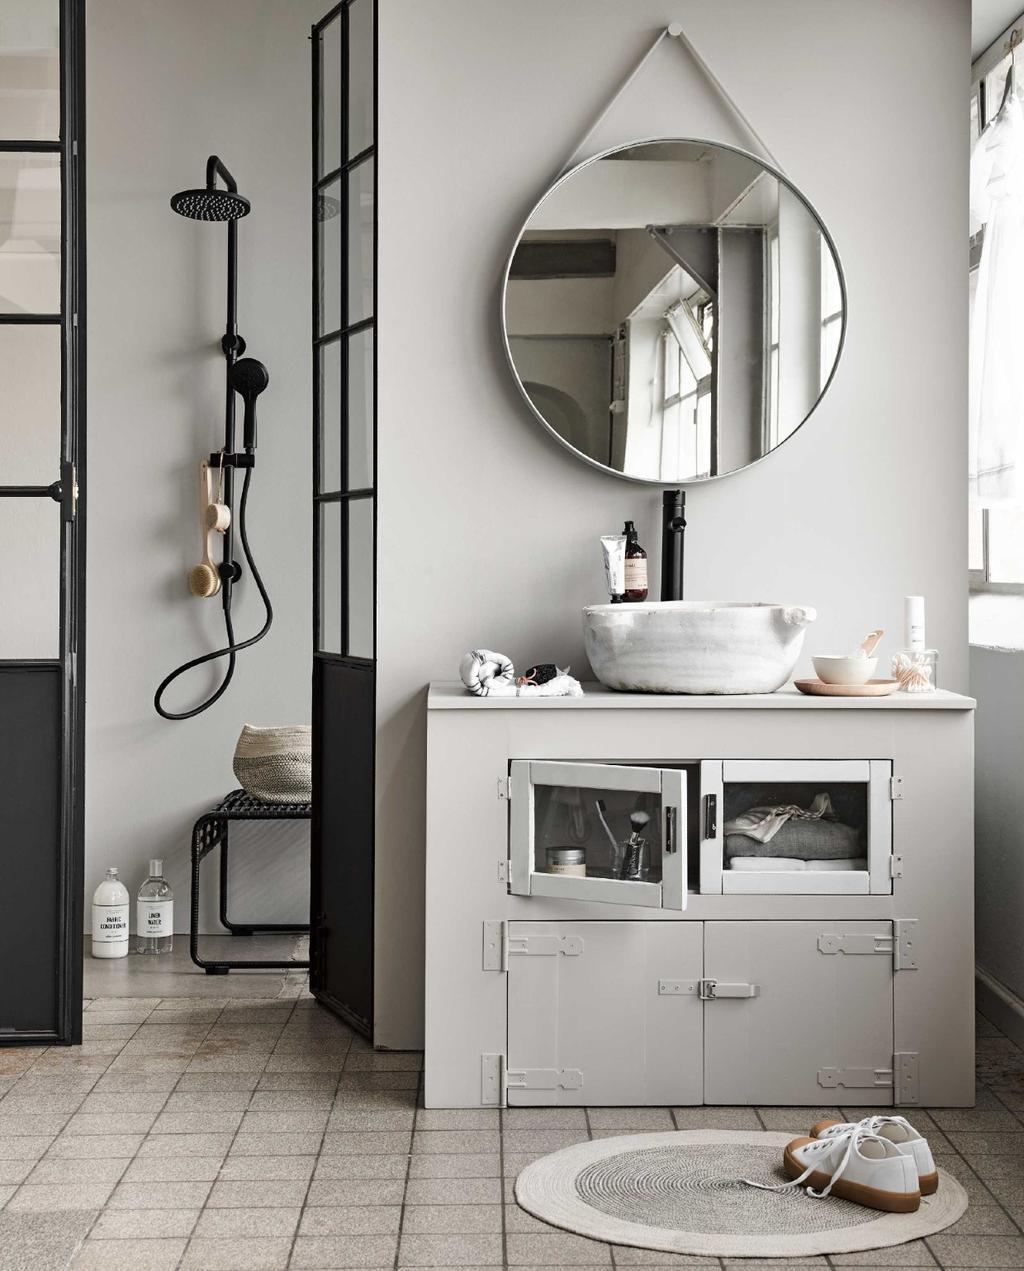 badkamer | douche | grijs | zwart | stalen deuren | ronde spiegel | badkamerkast | zwarte kraan